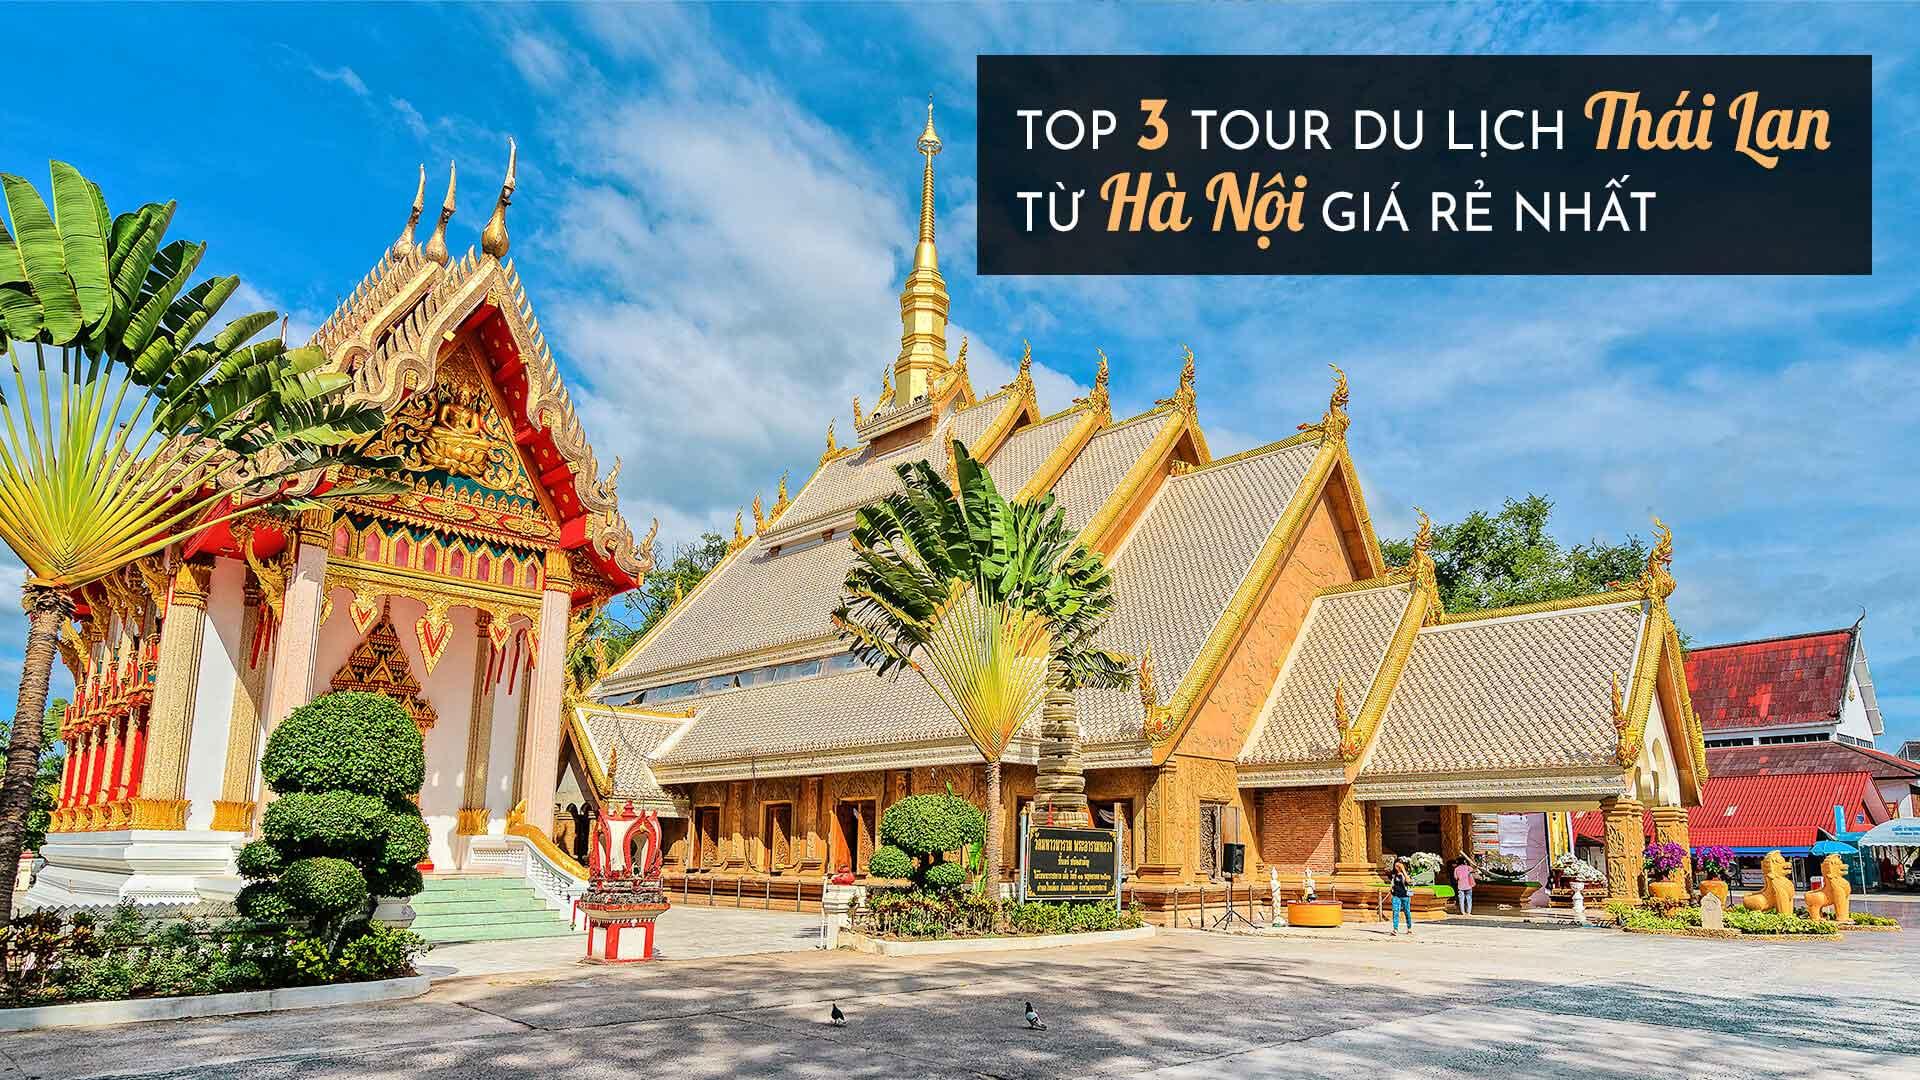 Top 3 tour du lịch Thái Lan từ Hà Nội GIÁ RẺ NHẤT